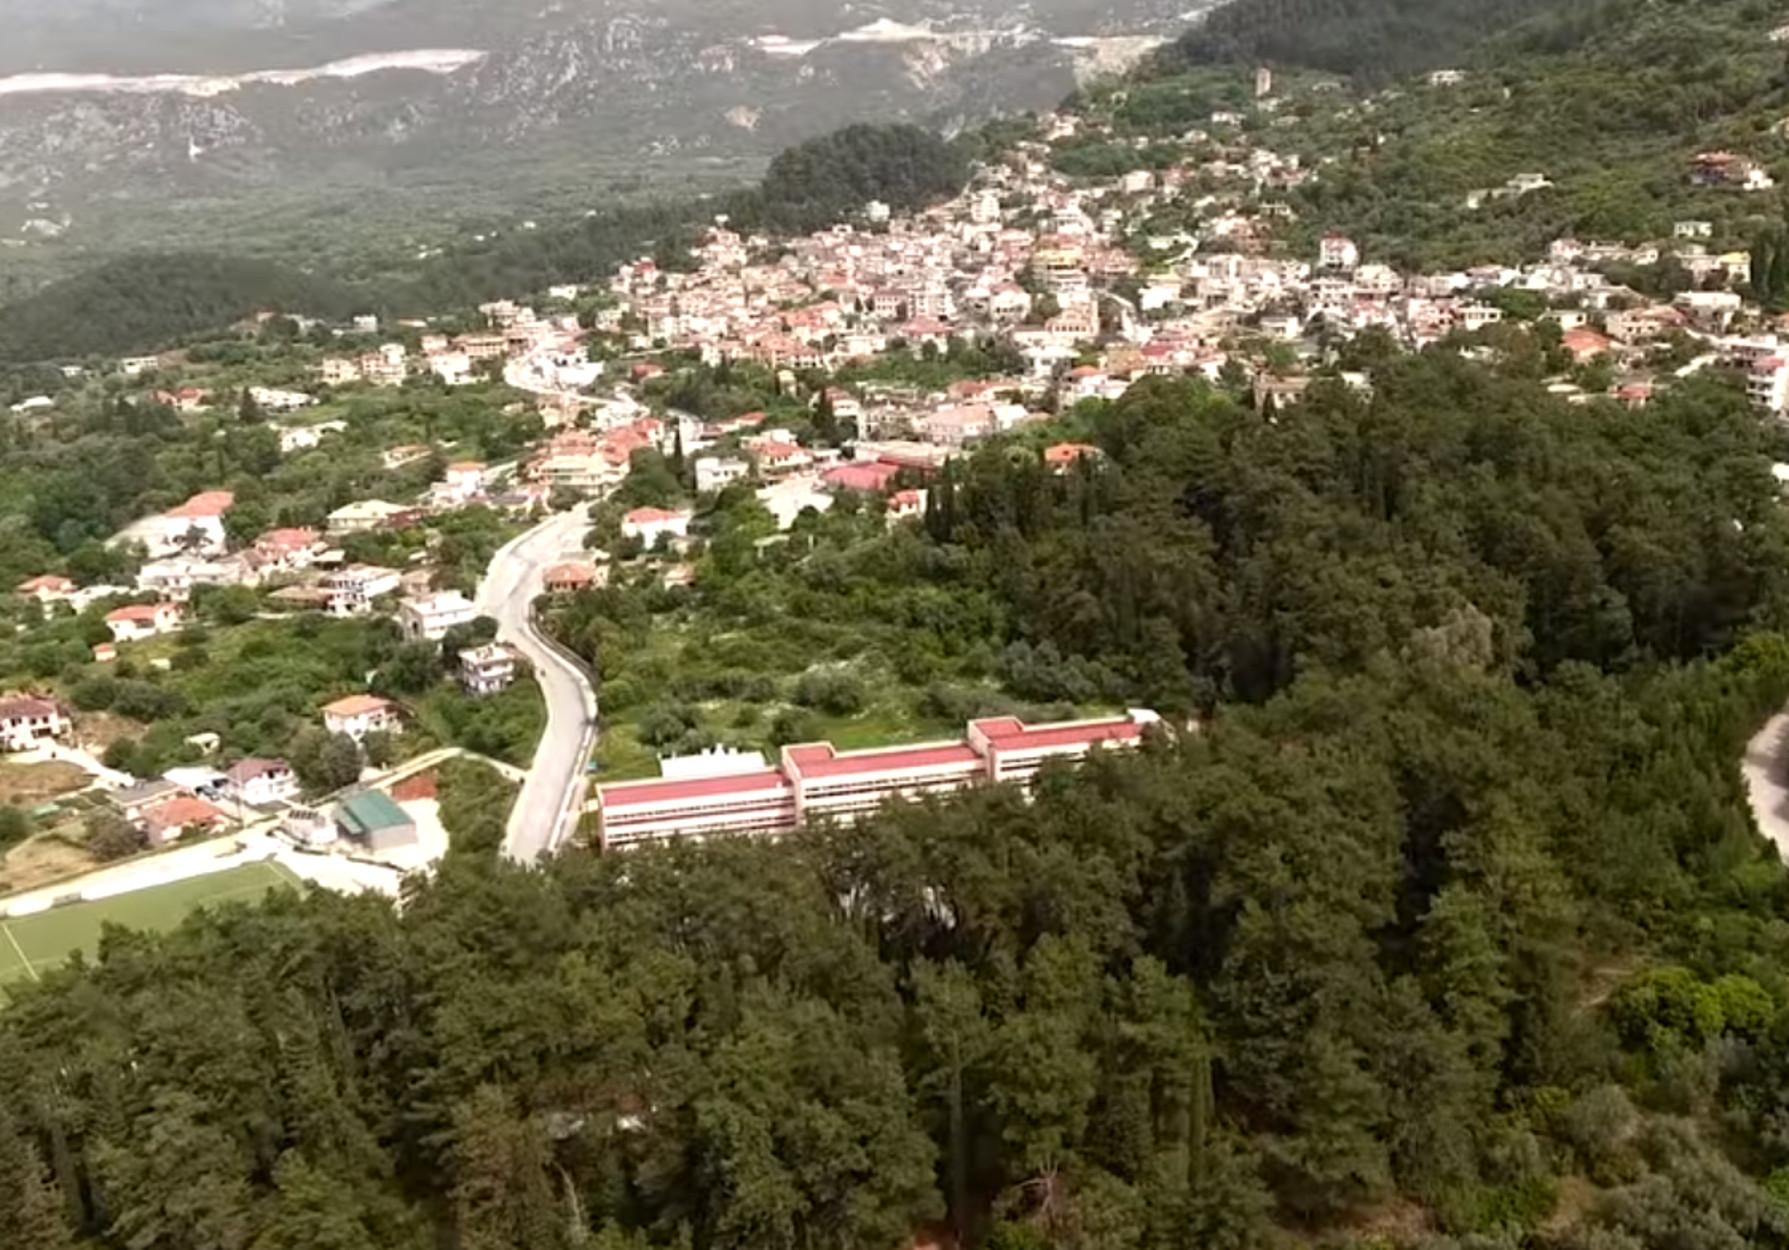 Θεσπρωτία: Ακόμα 5 κρούσματα στην Παραμυθιά! Κλείνουν τα σχολεία